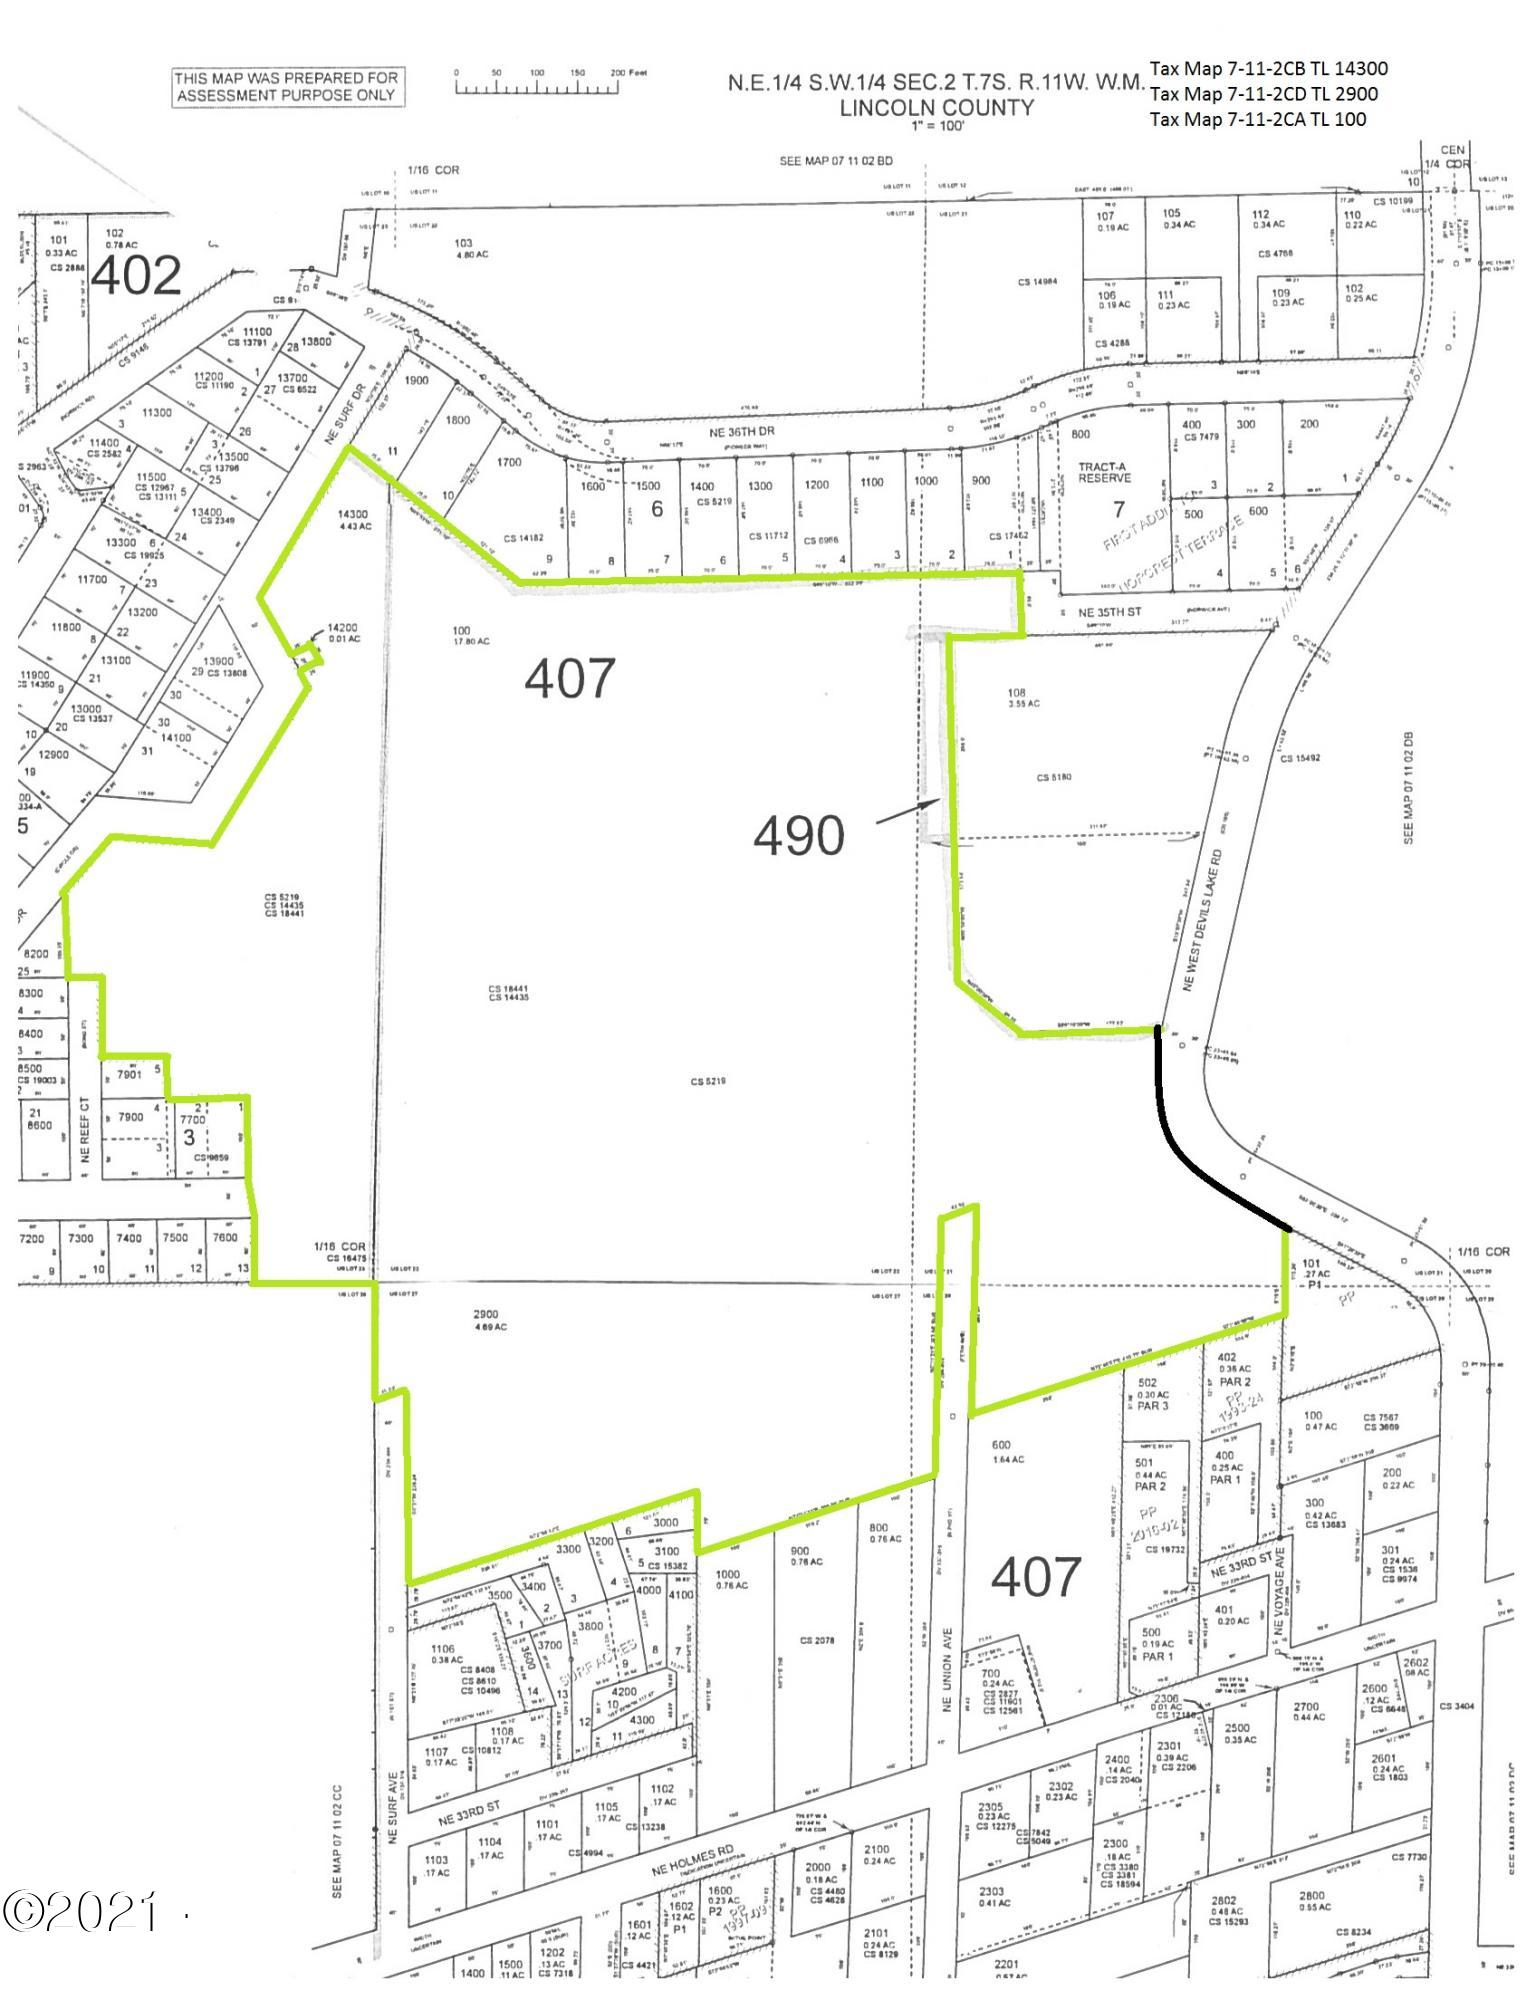 3500 Blk Ne 35th St., Lincoln City, OR 97367 - Main